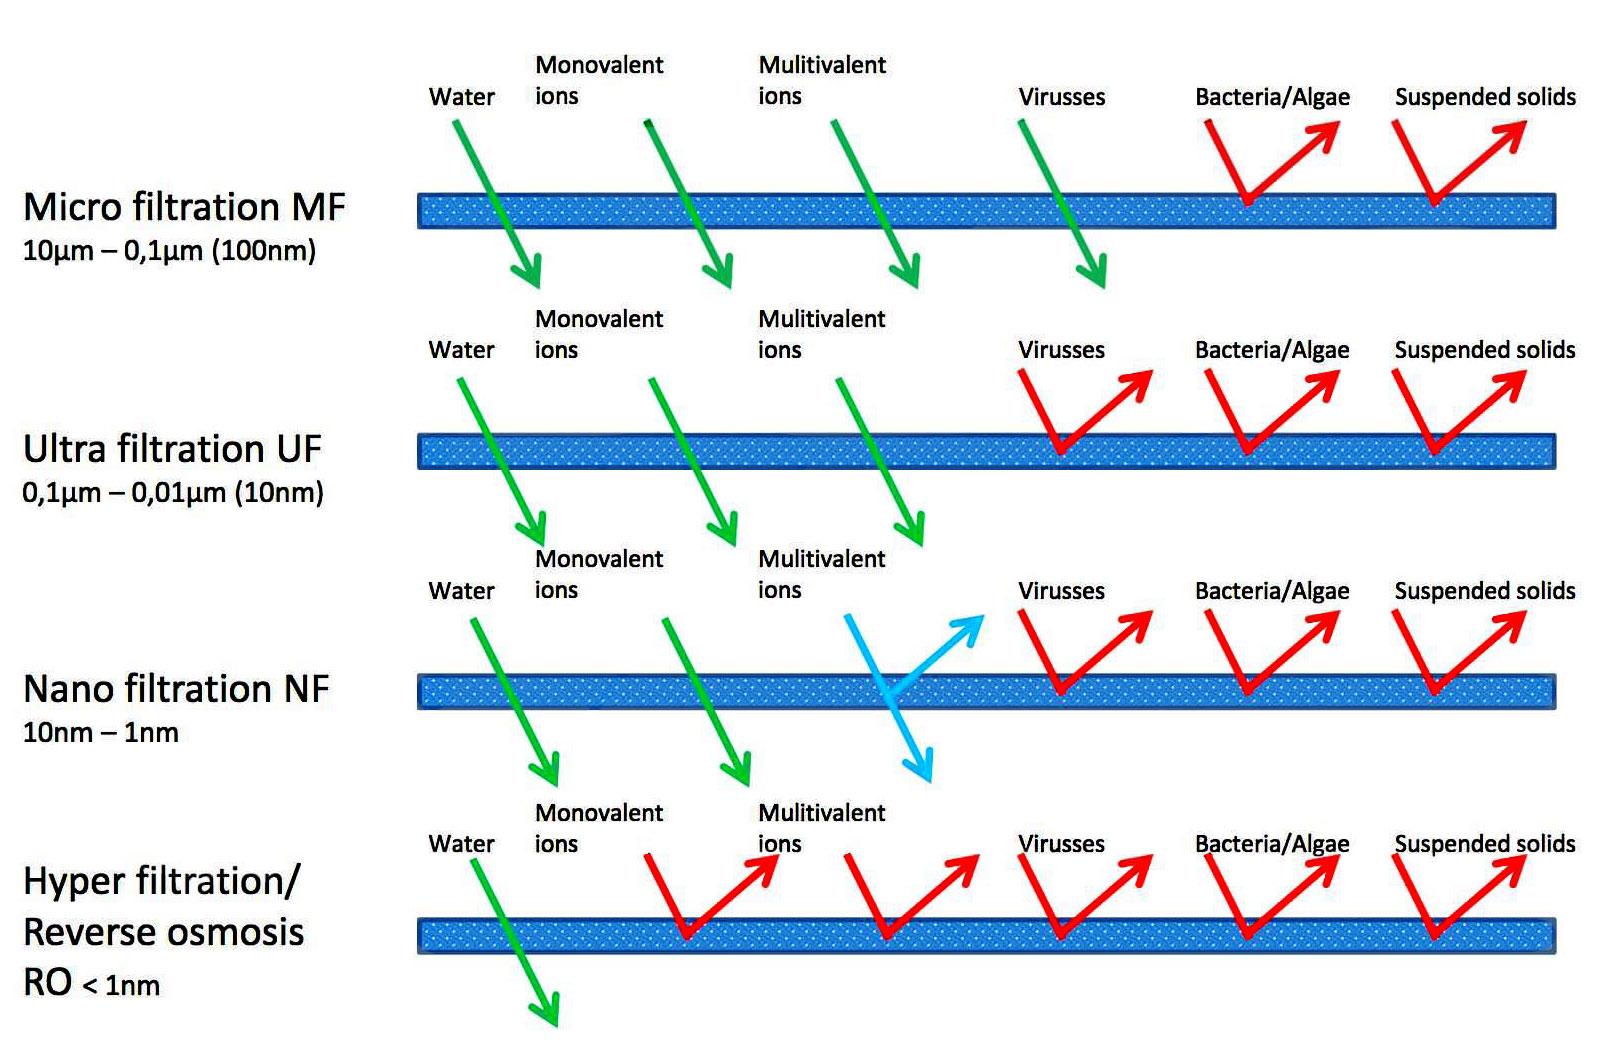 Màng UF là gì? So sánh kích cỡ lọc, các thành phần lọc của màng UF và Nano